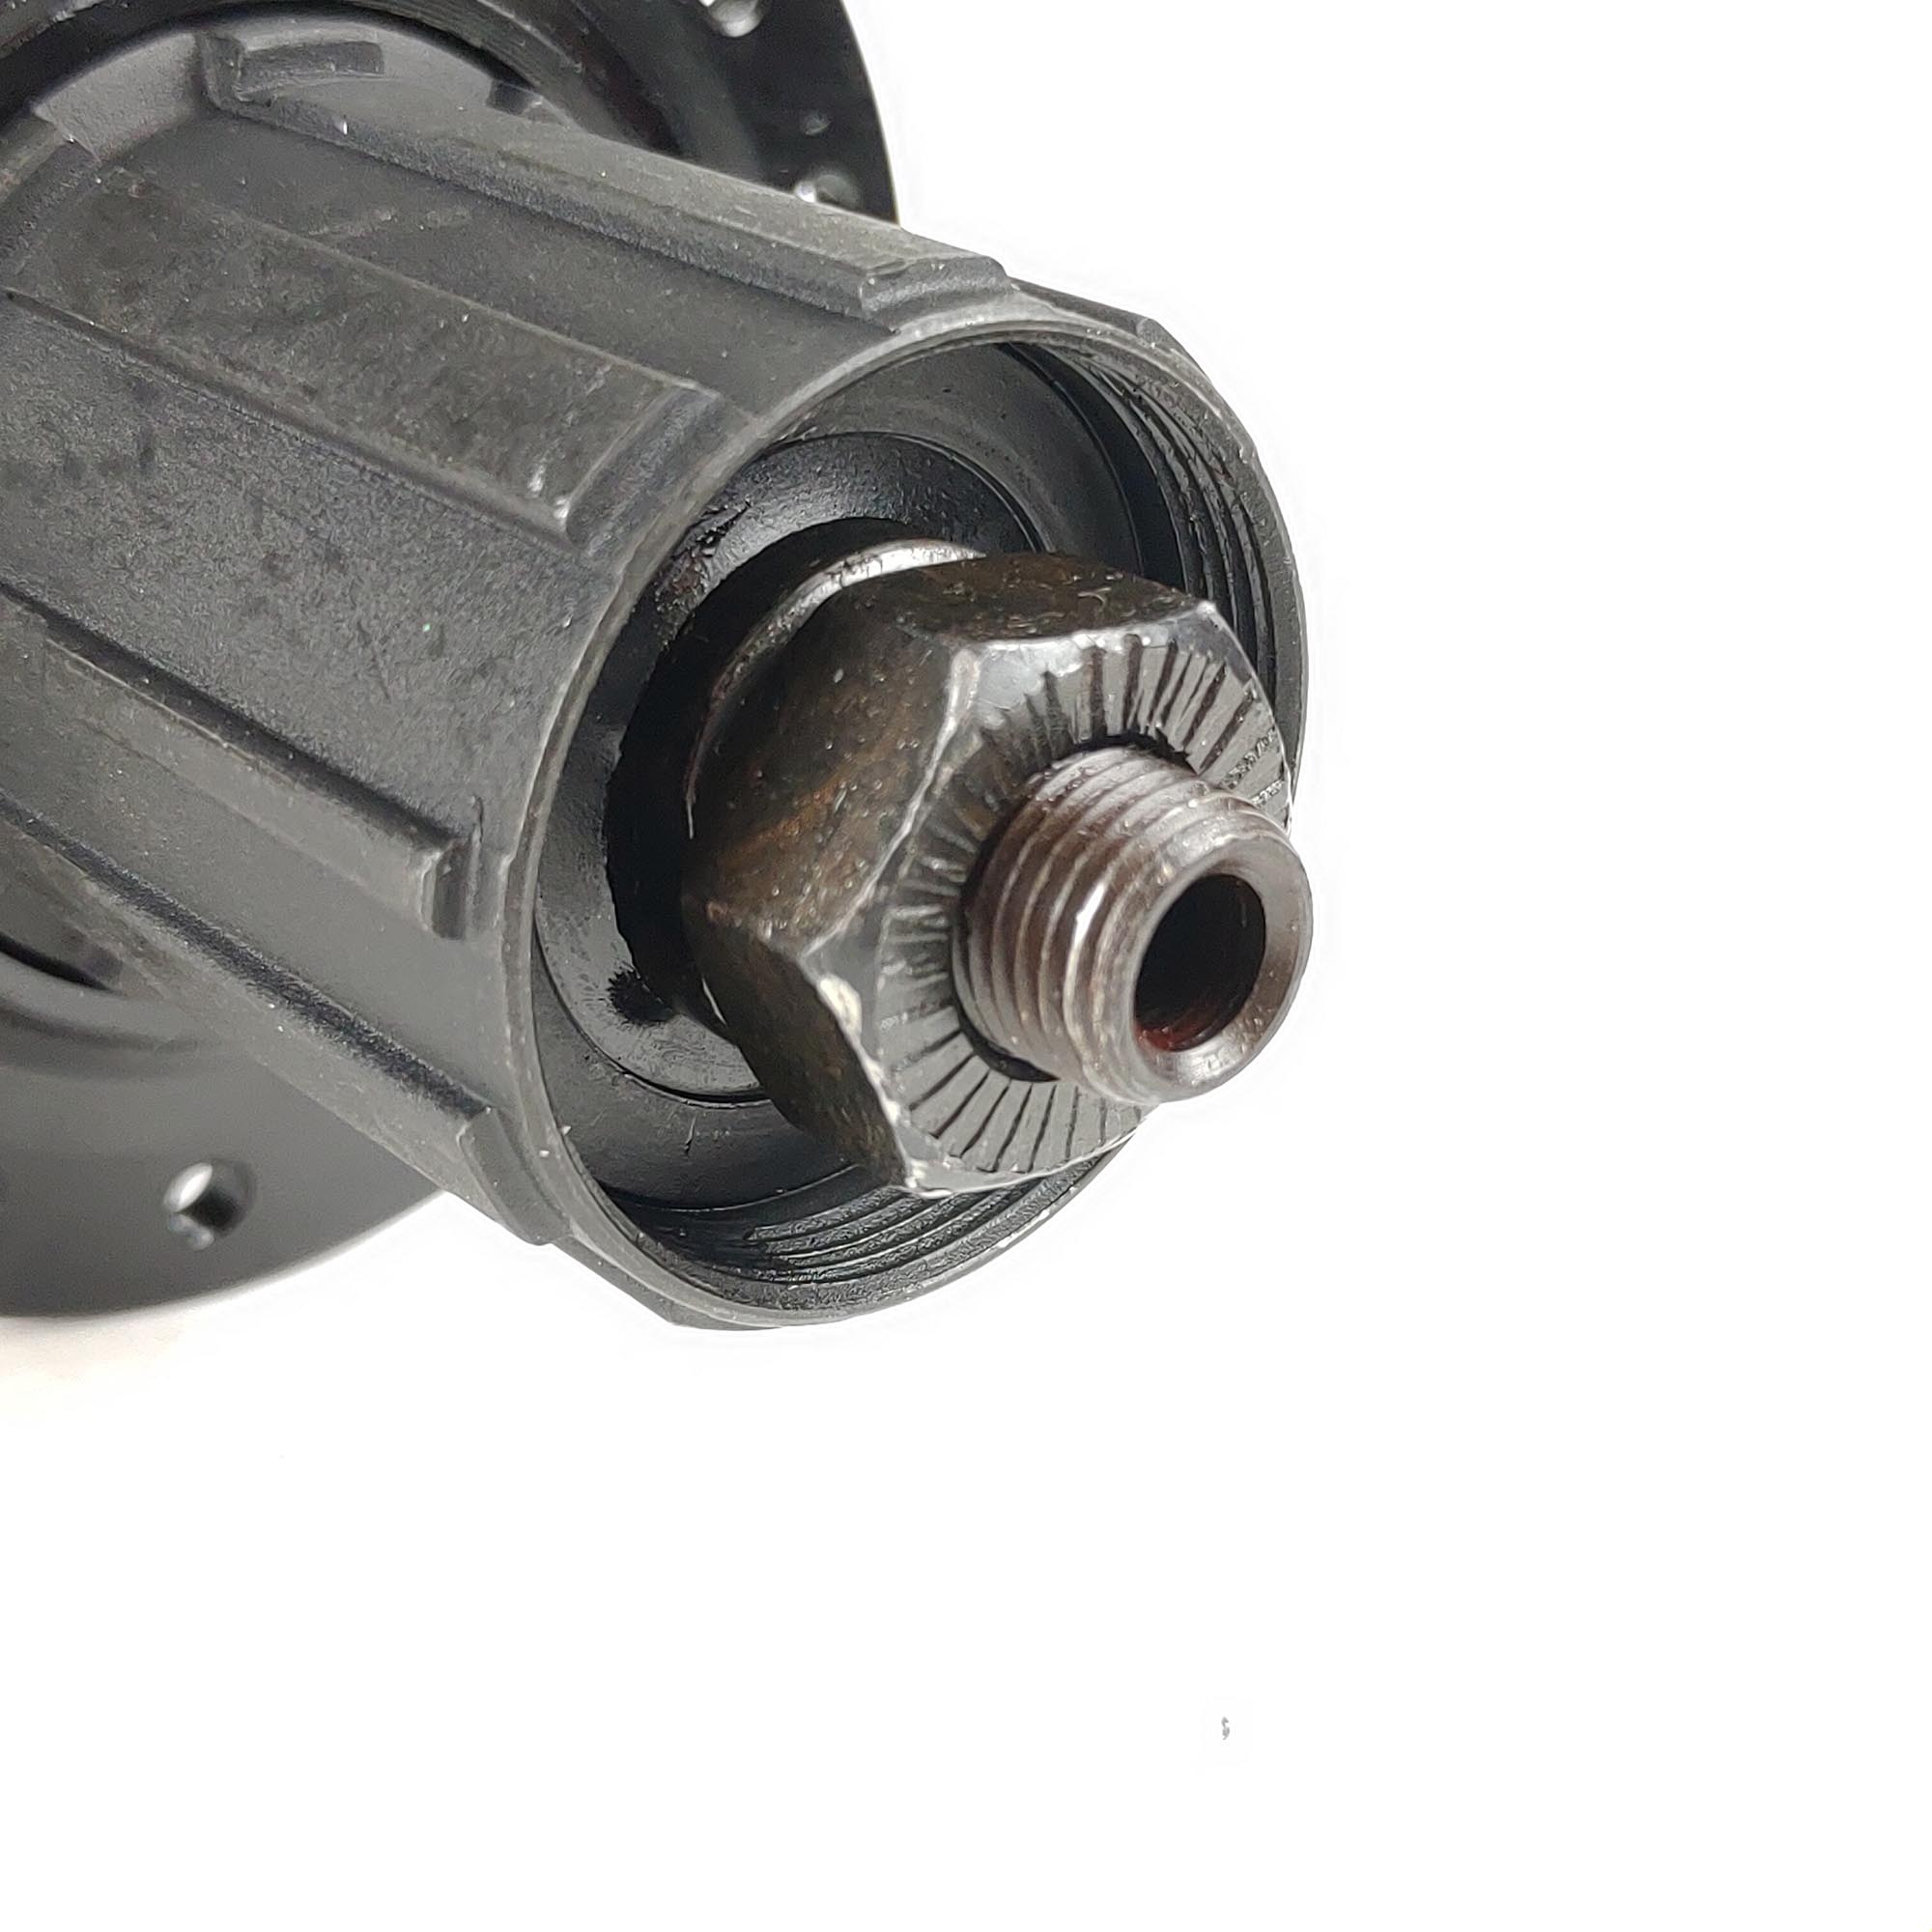 Cubo de Bicicleta Cassete Steez Aluminio Dianteiro Traseiro Rolamentado Com Blocagem Preto 32f K7 Disc